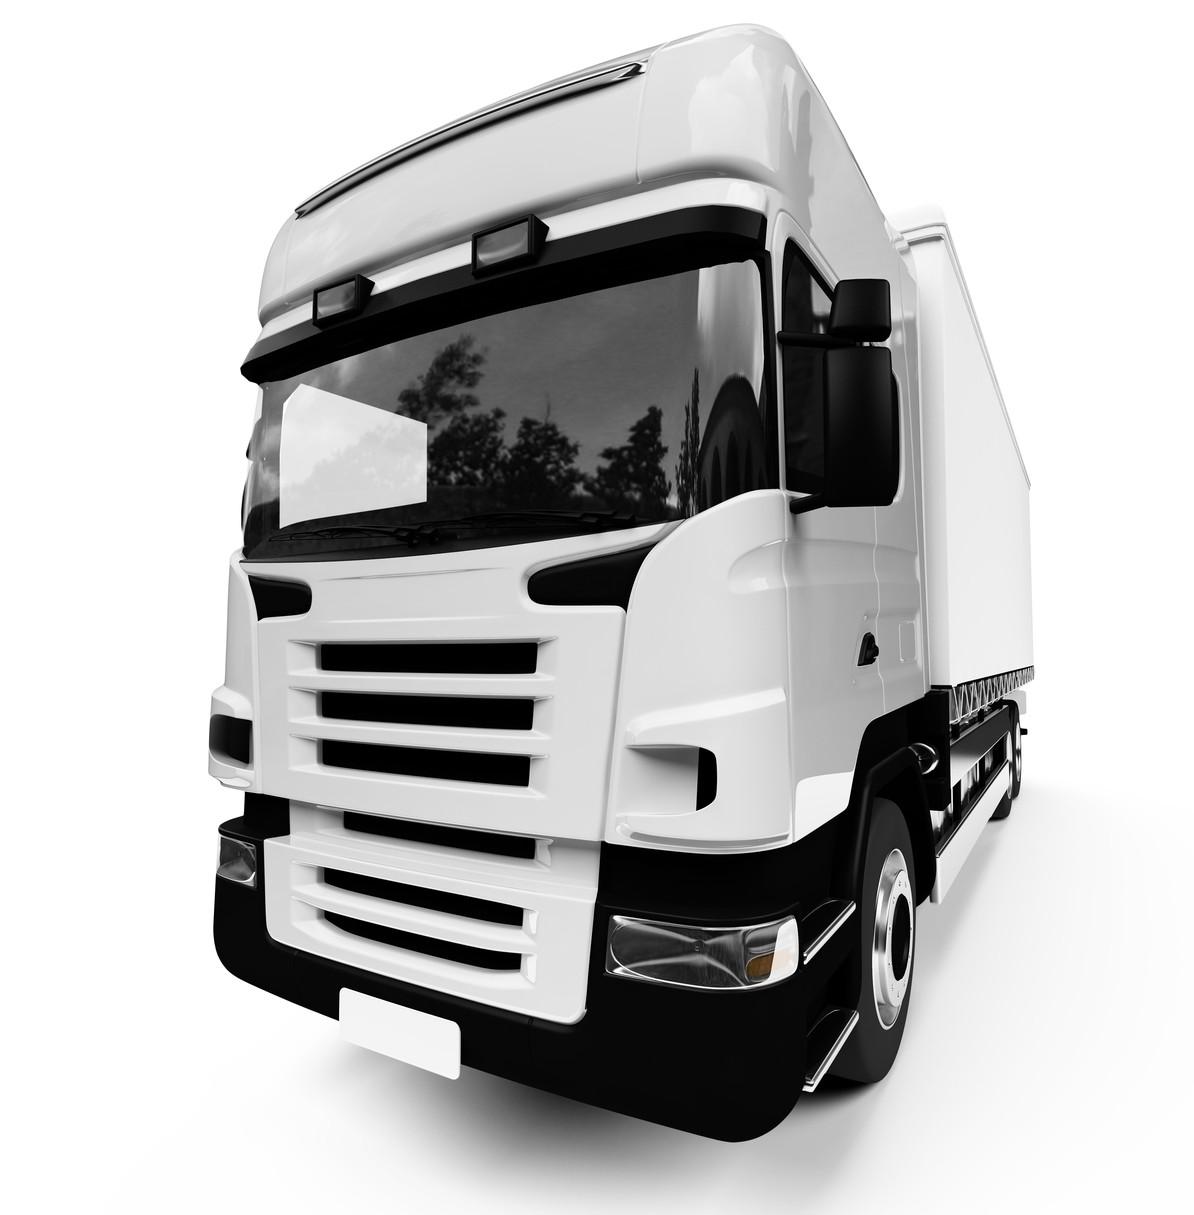 LKW-Versicherungen für LKW, Lieferwagen & Zugmaschinen hier vergleichen